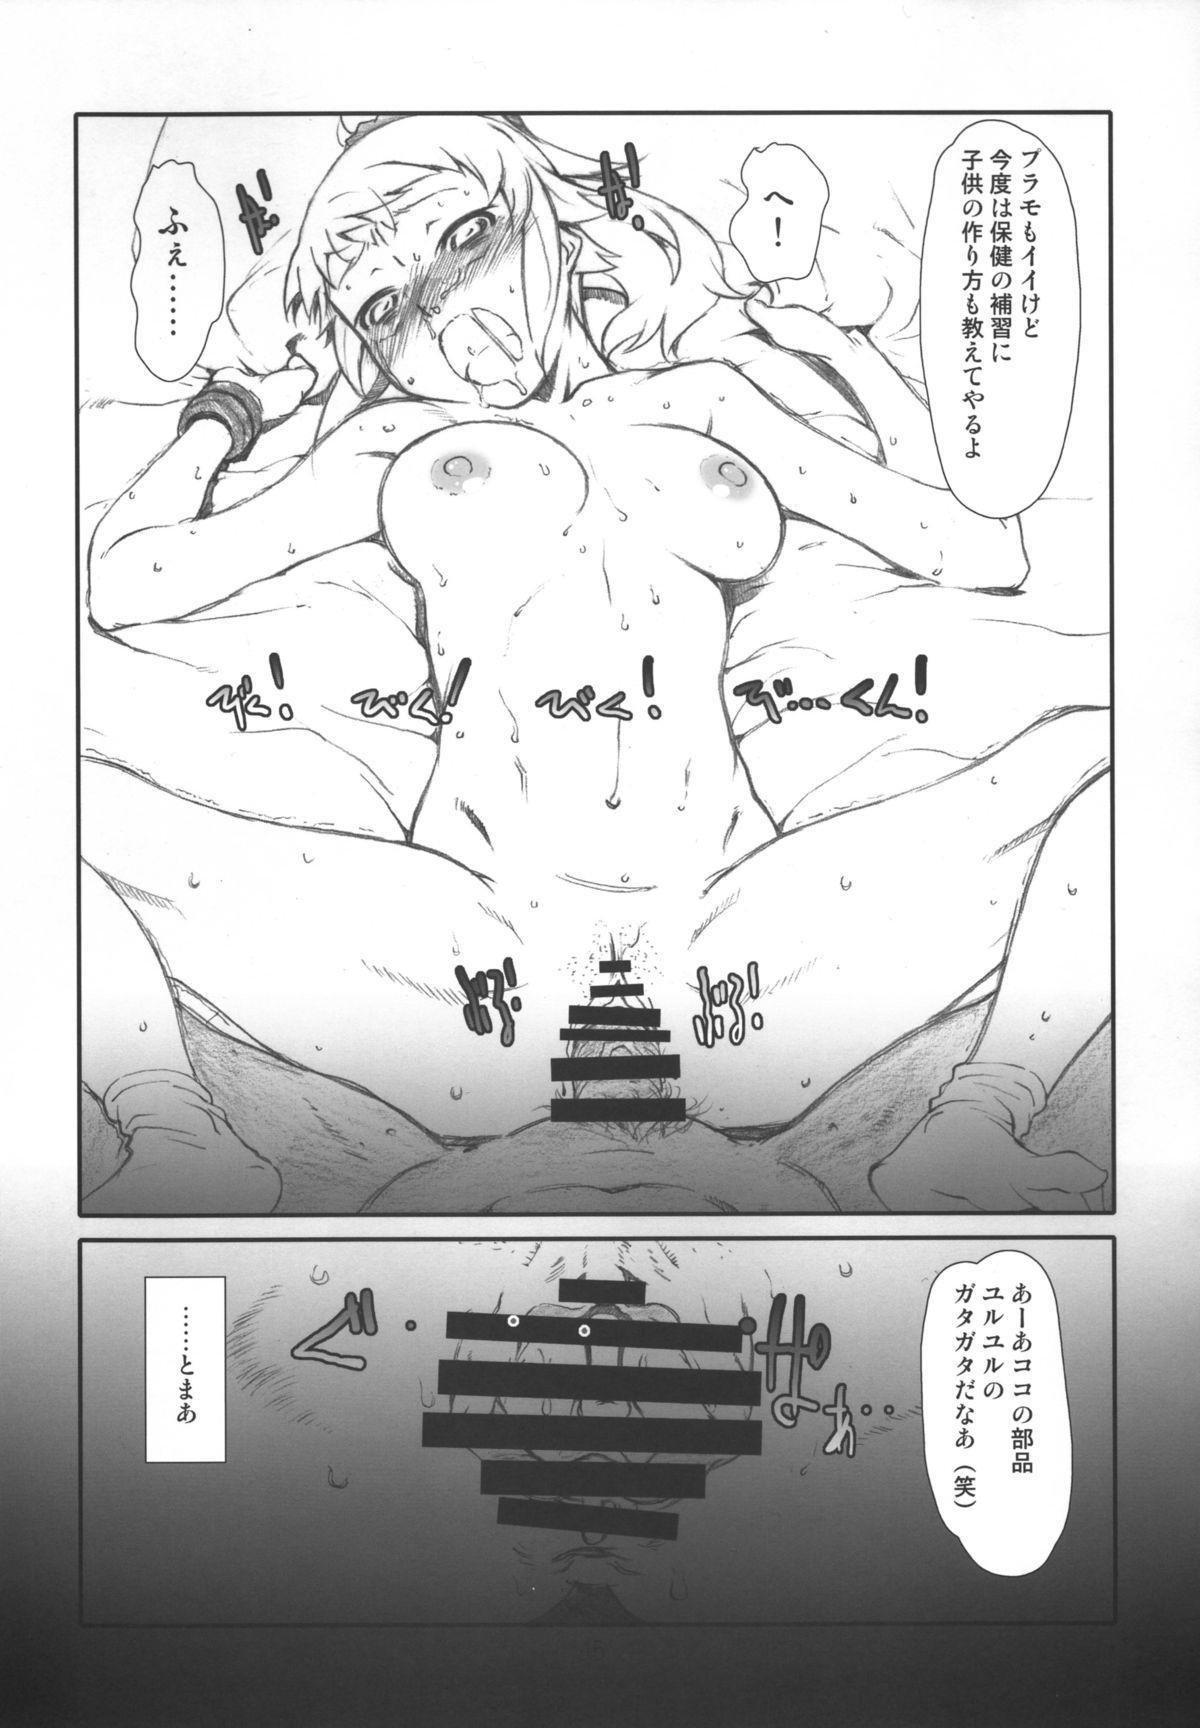 Hoshi Ino 14